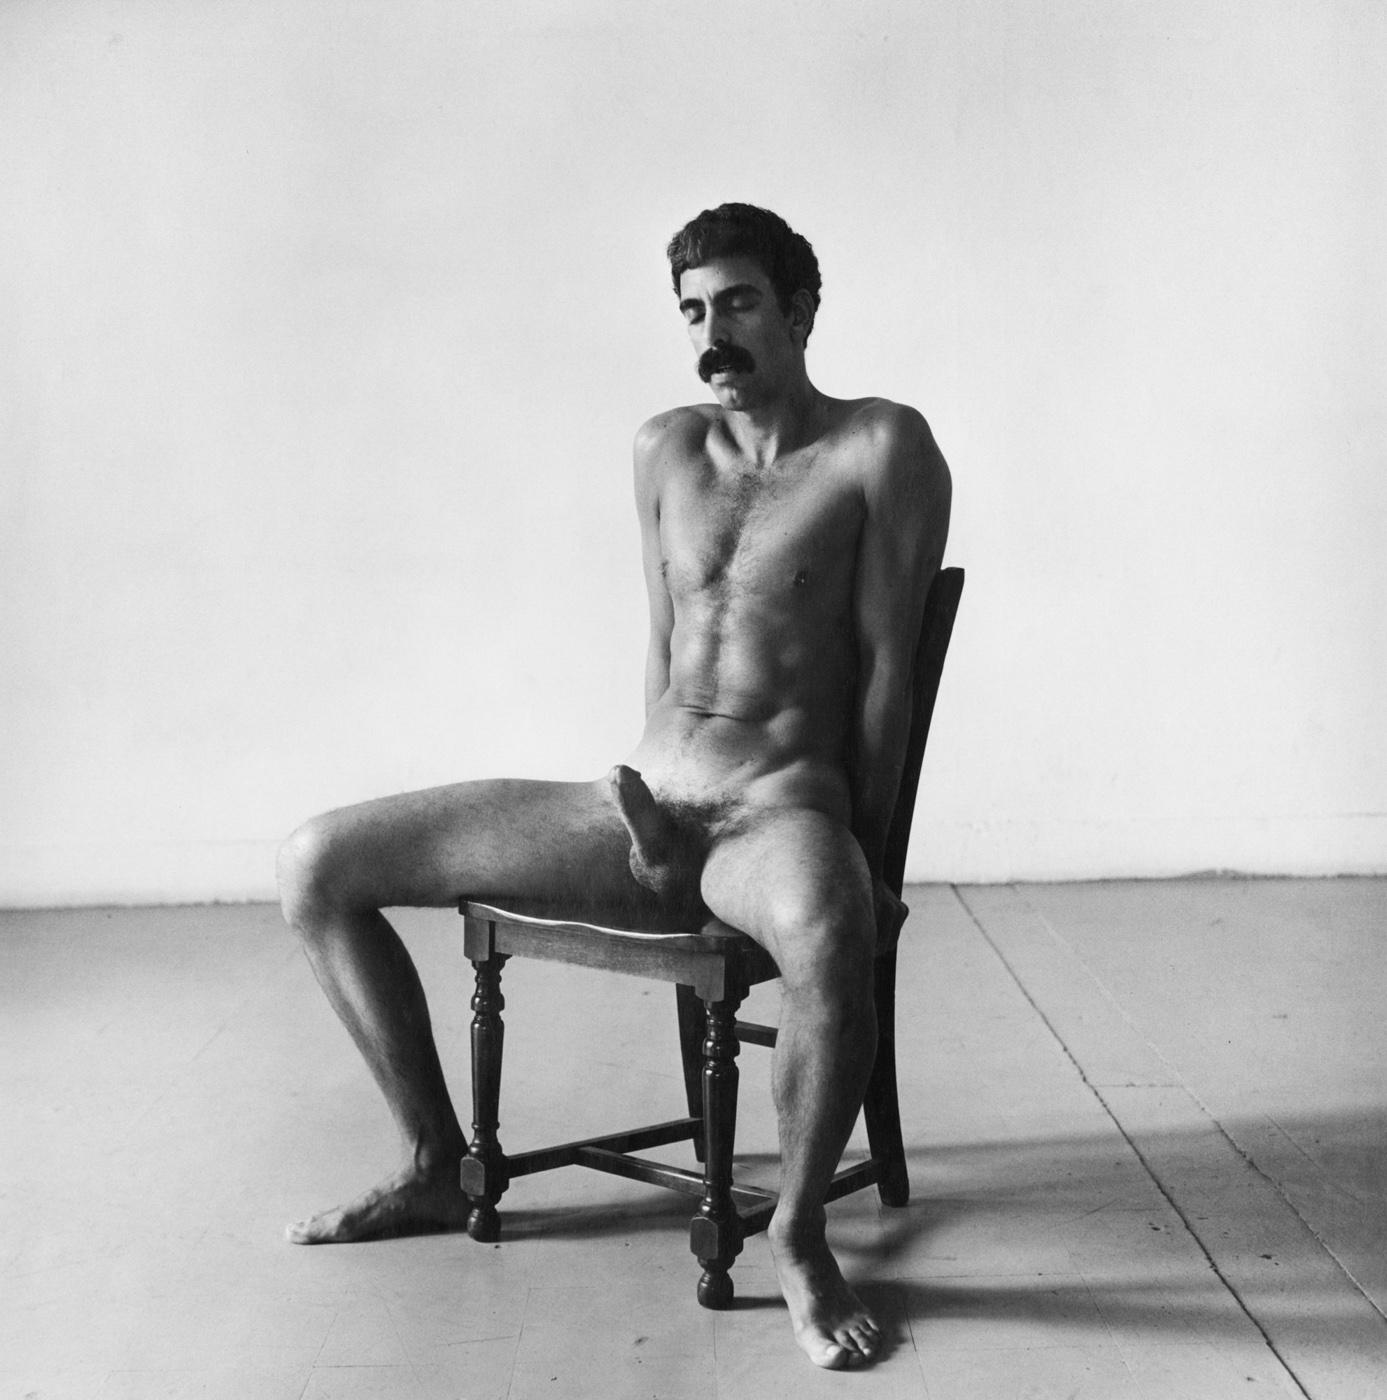 Fotó: Peter Hujar: Seated Nude, 1978 © Peter Hujar Archive / Fraenkel Gallery